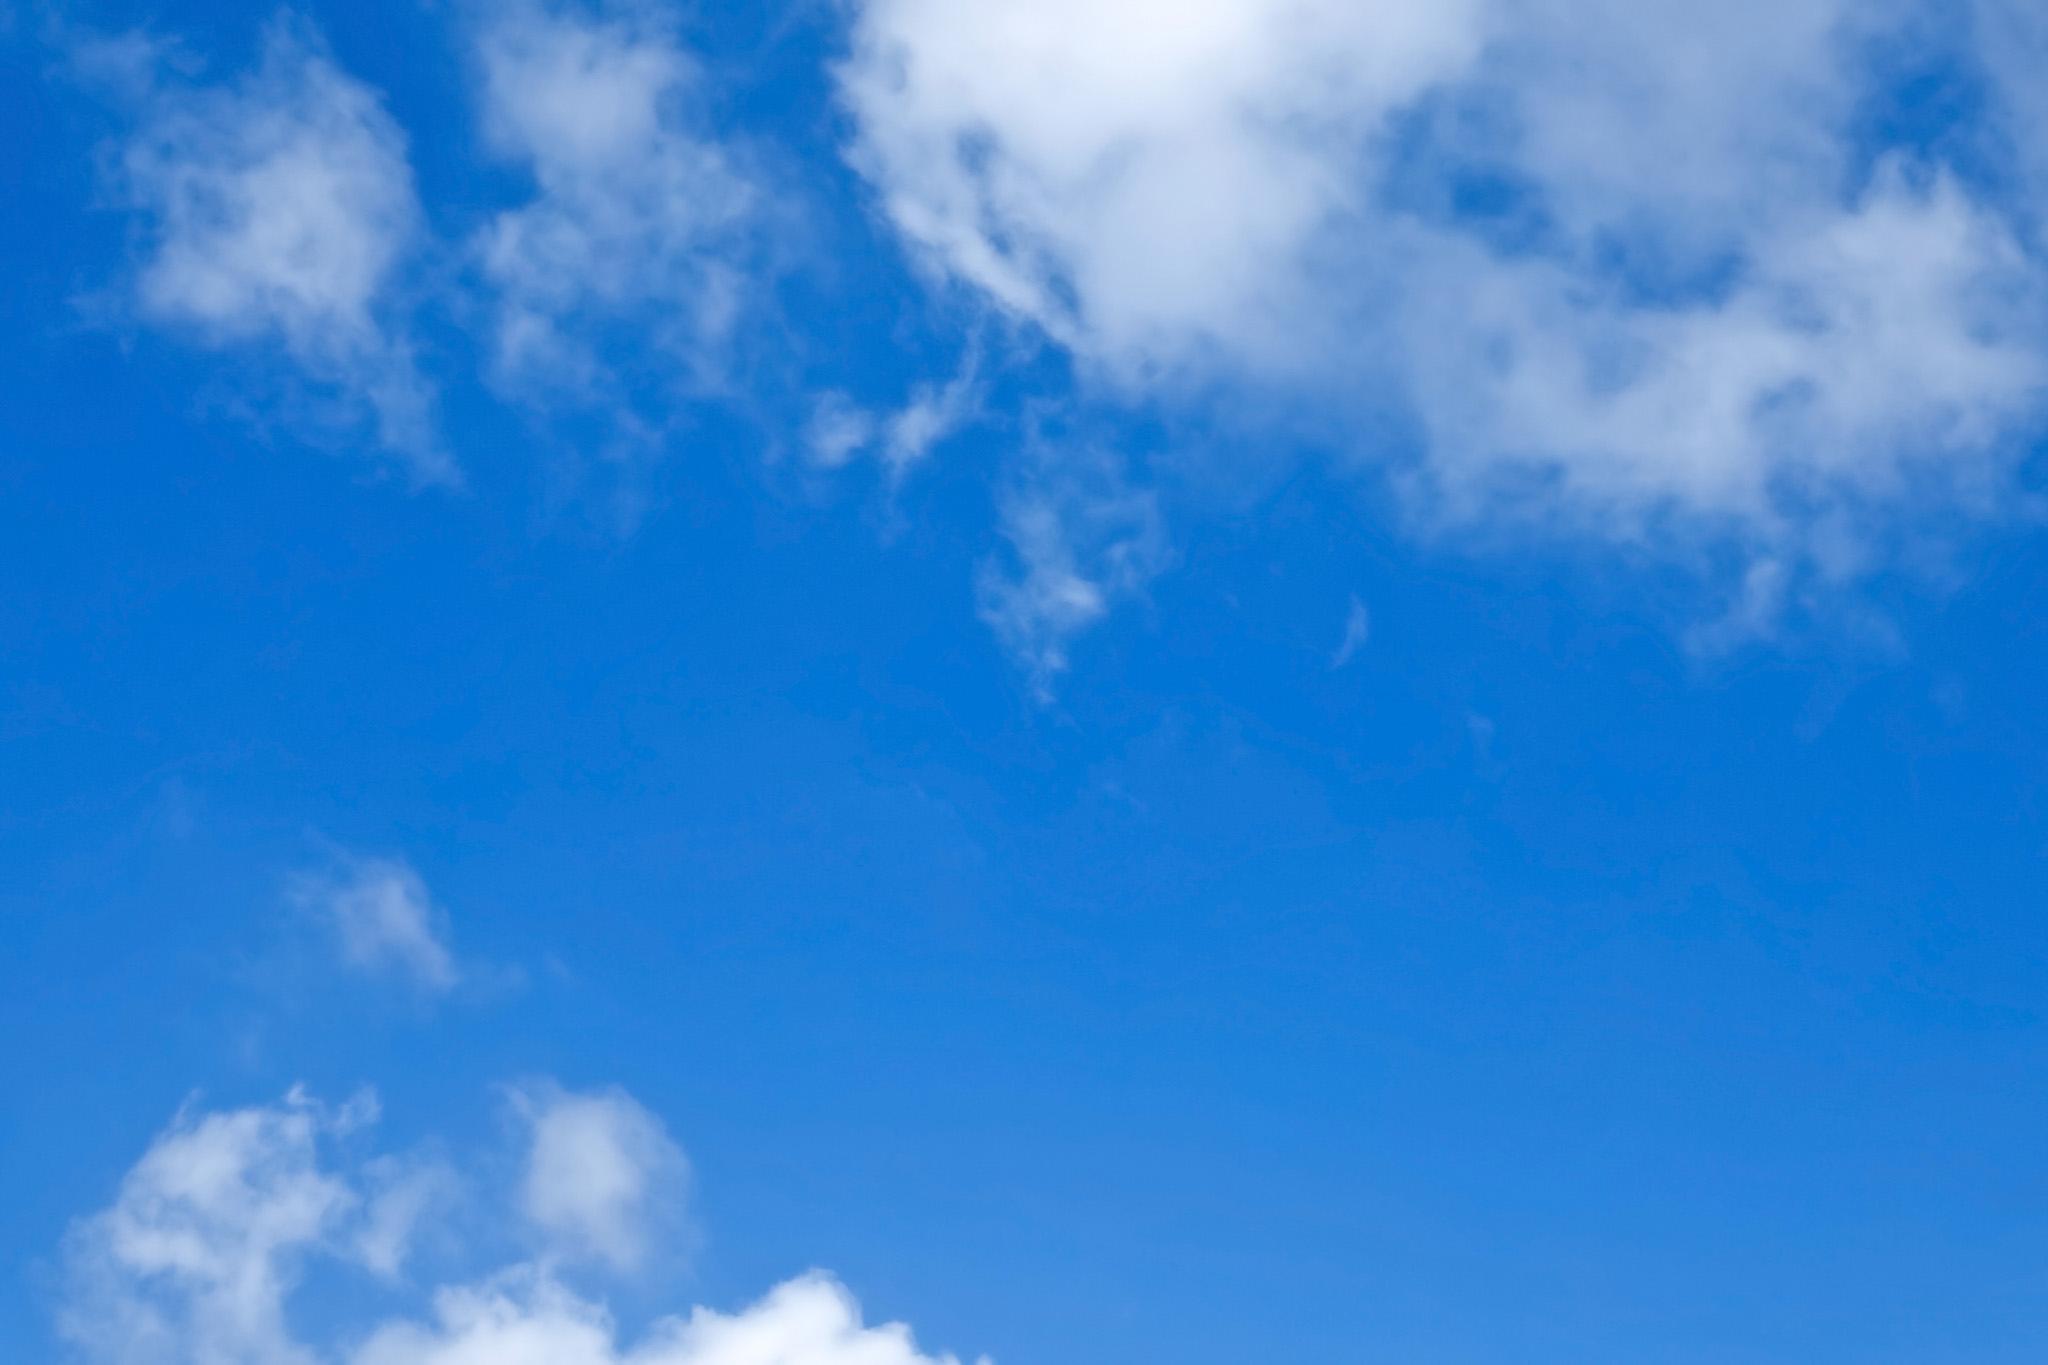 「千切れ雲と爽快な青空」